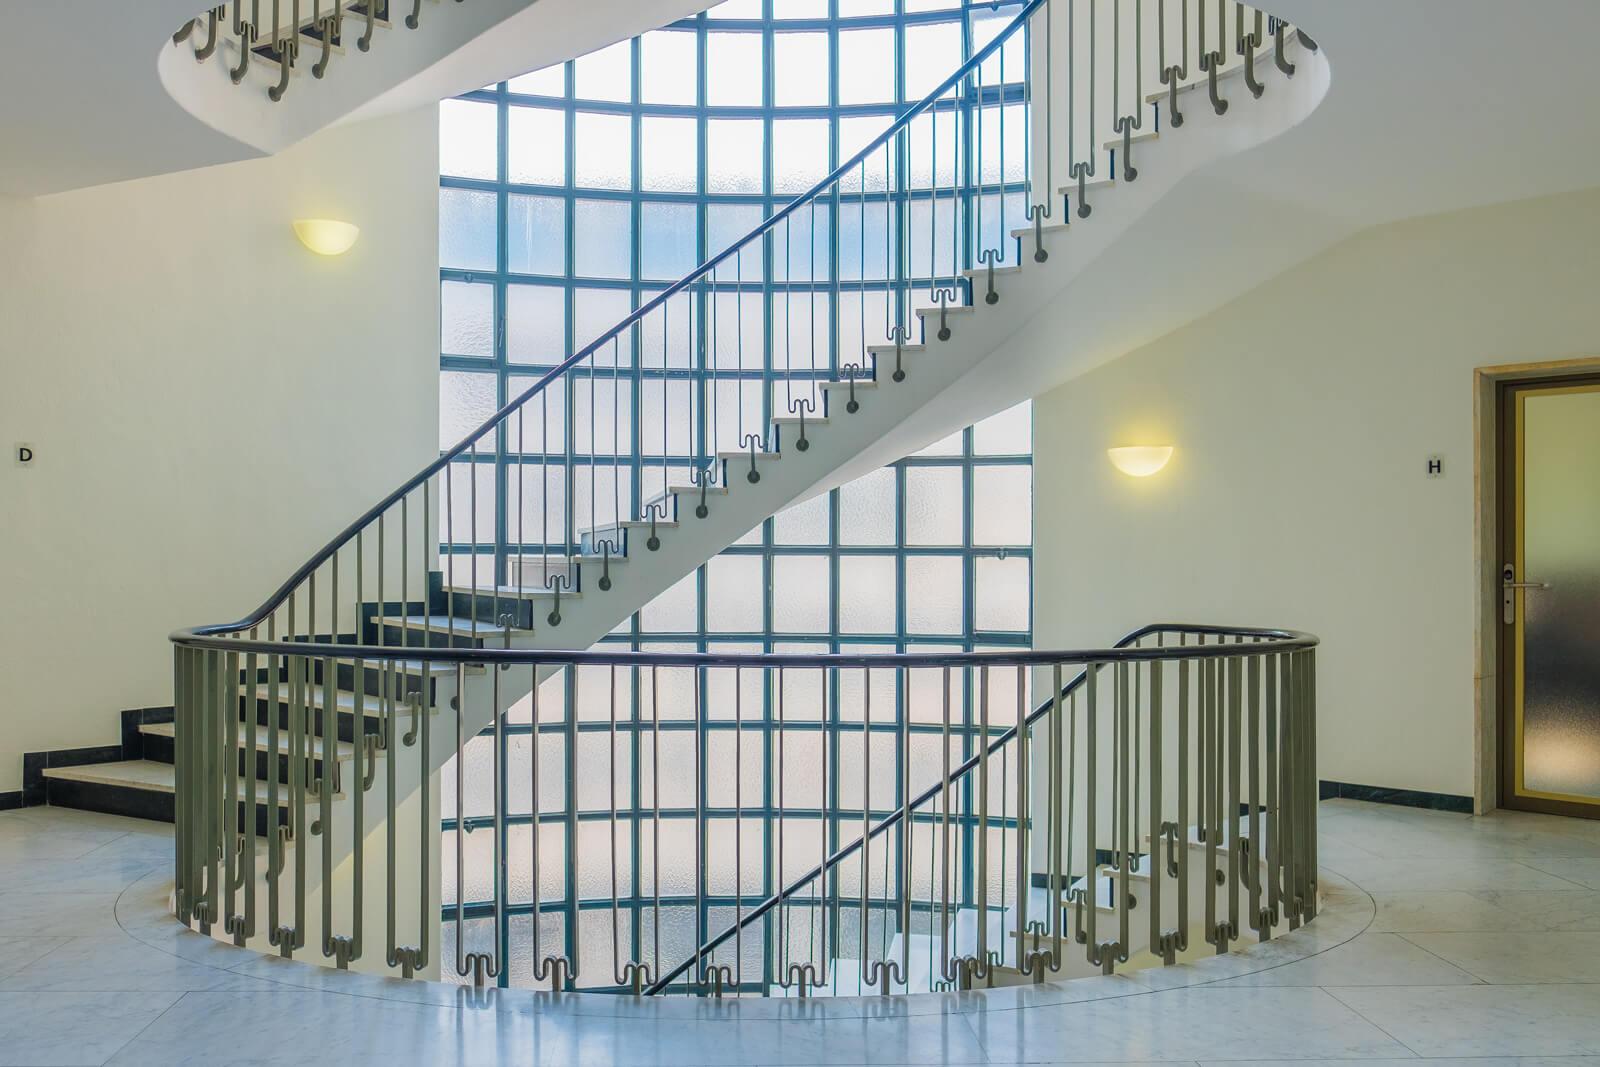 Sideways Staircase Photograph in Zürich, Switzerland